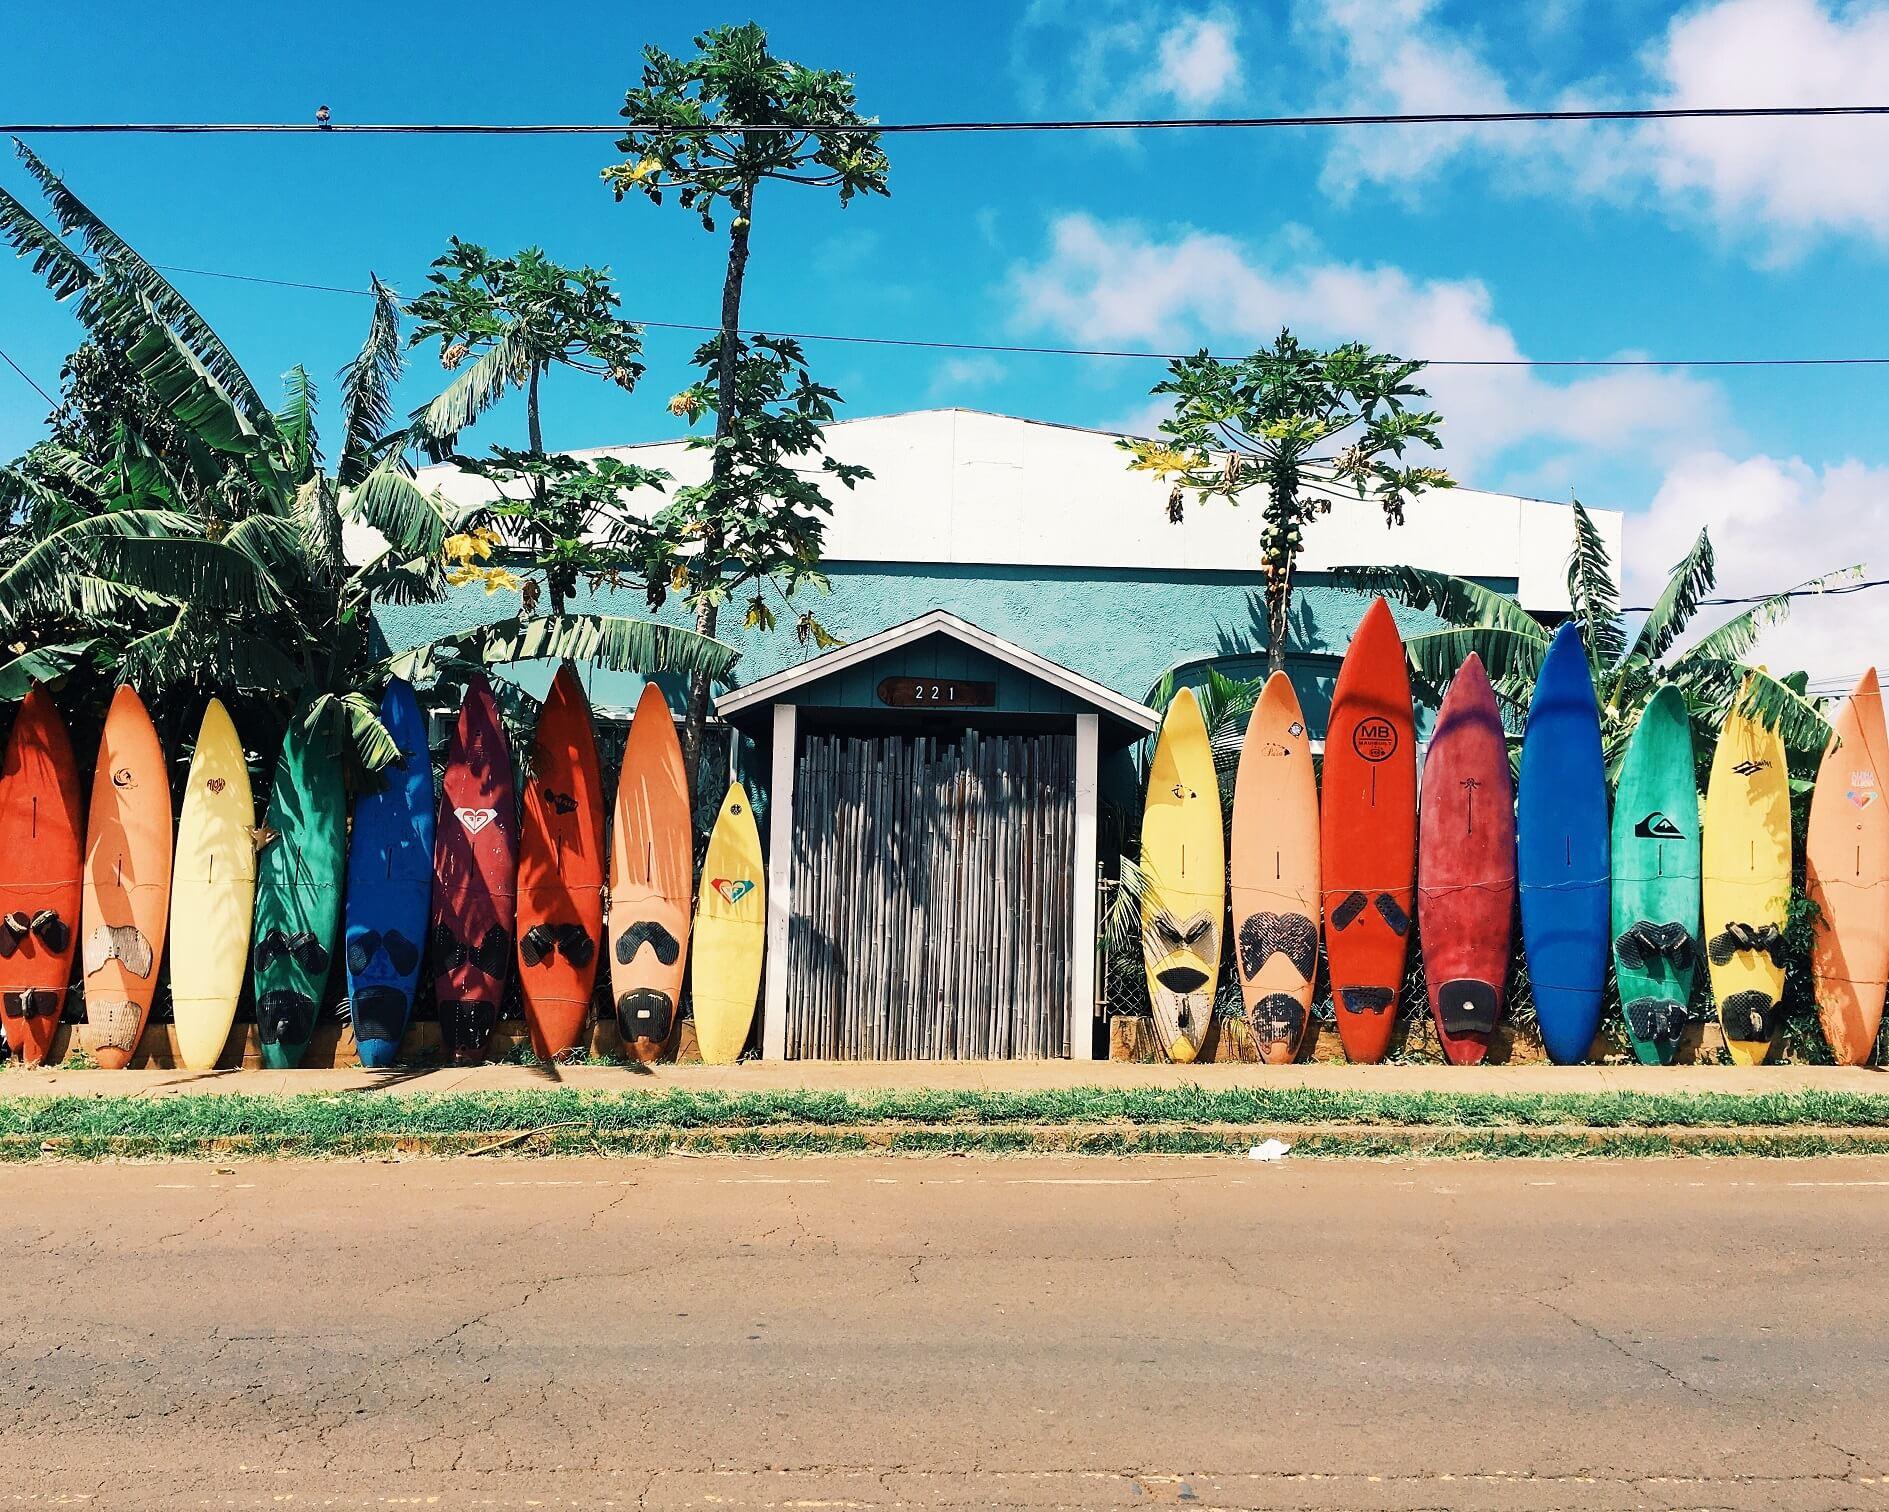 Op vakantie naar Hawaii? Hier vind je een overdosis aan Hawaii-tips!